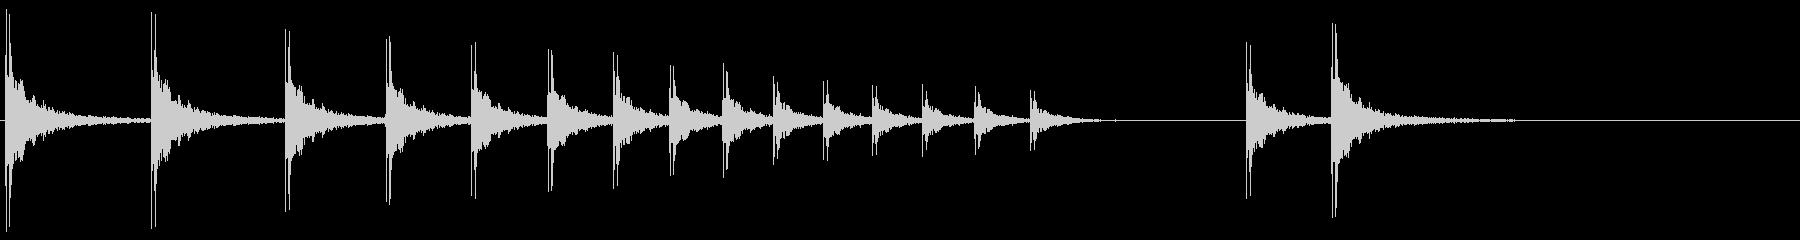 SE 柝(拍子木・きざみ)-2の未再生の波形